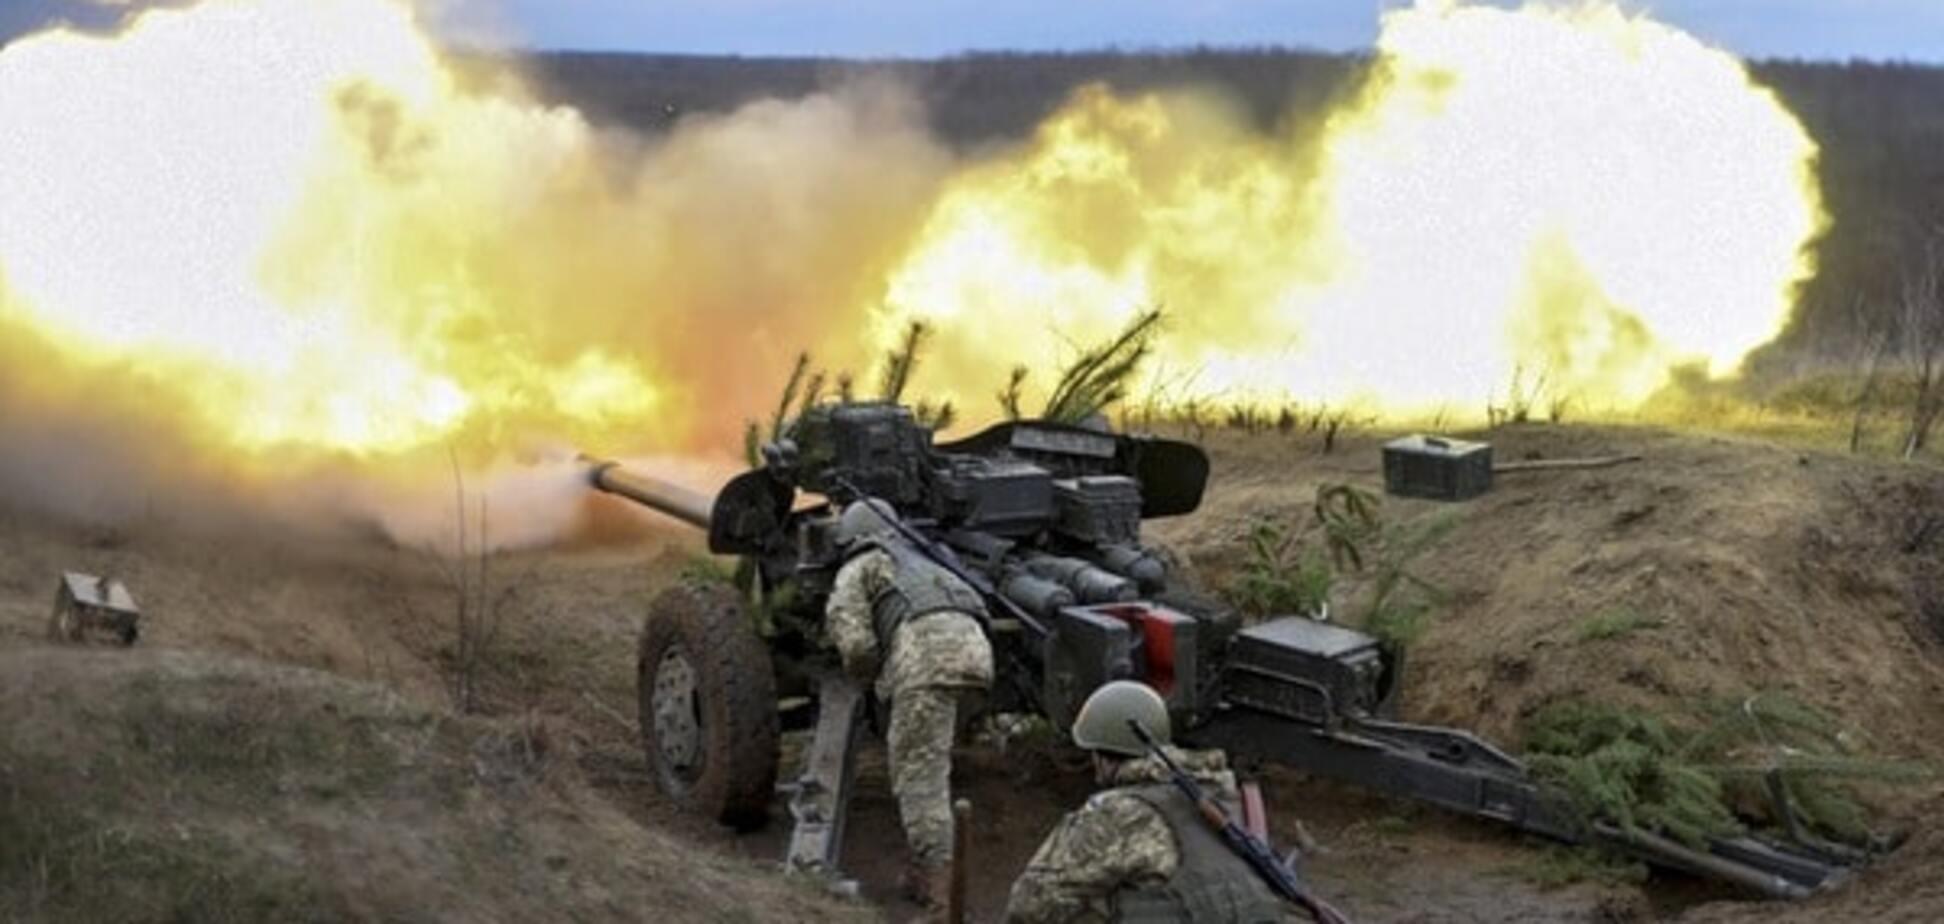 Київ нічого не вирішує: Бутусов пояснив, навіщо Путіну 'гарячий' Донбас